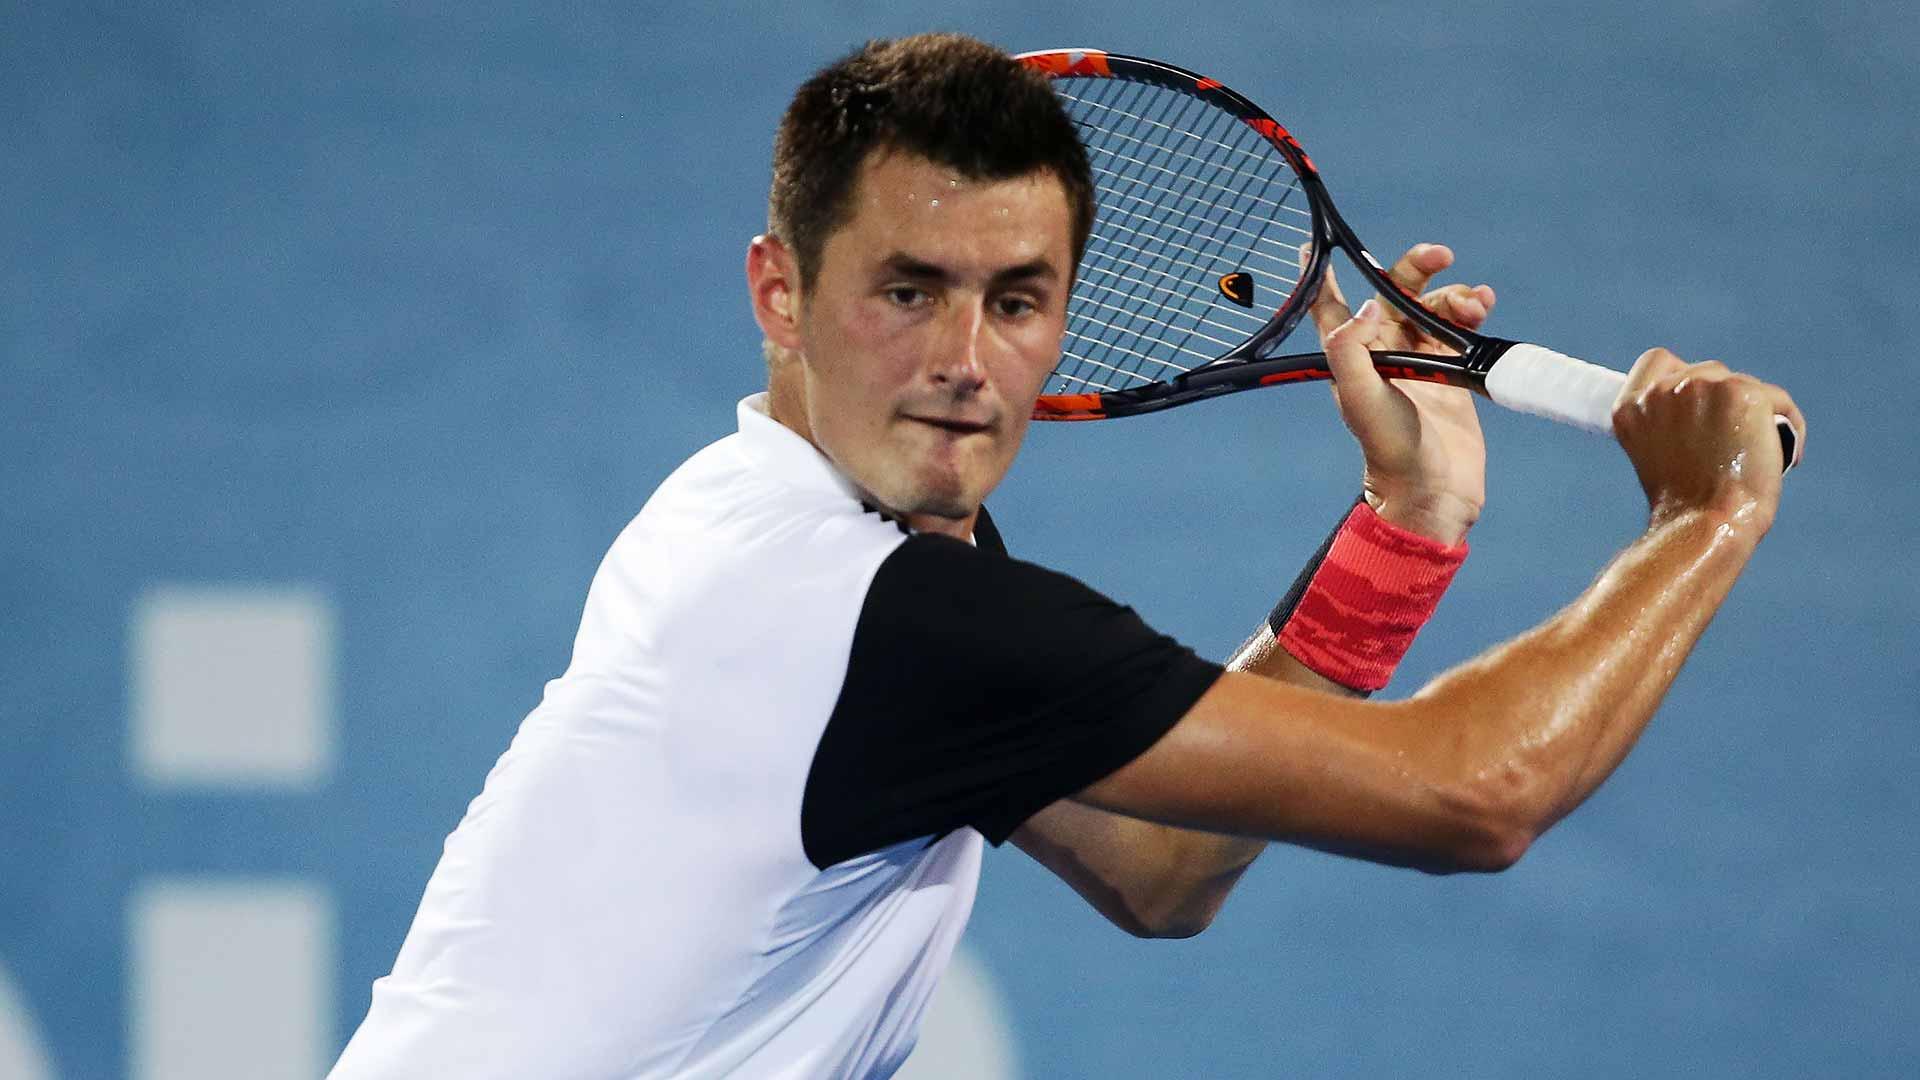 Marca deportiva rompe con tenista australiano tras polémicas declaraciones